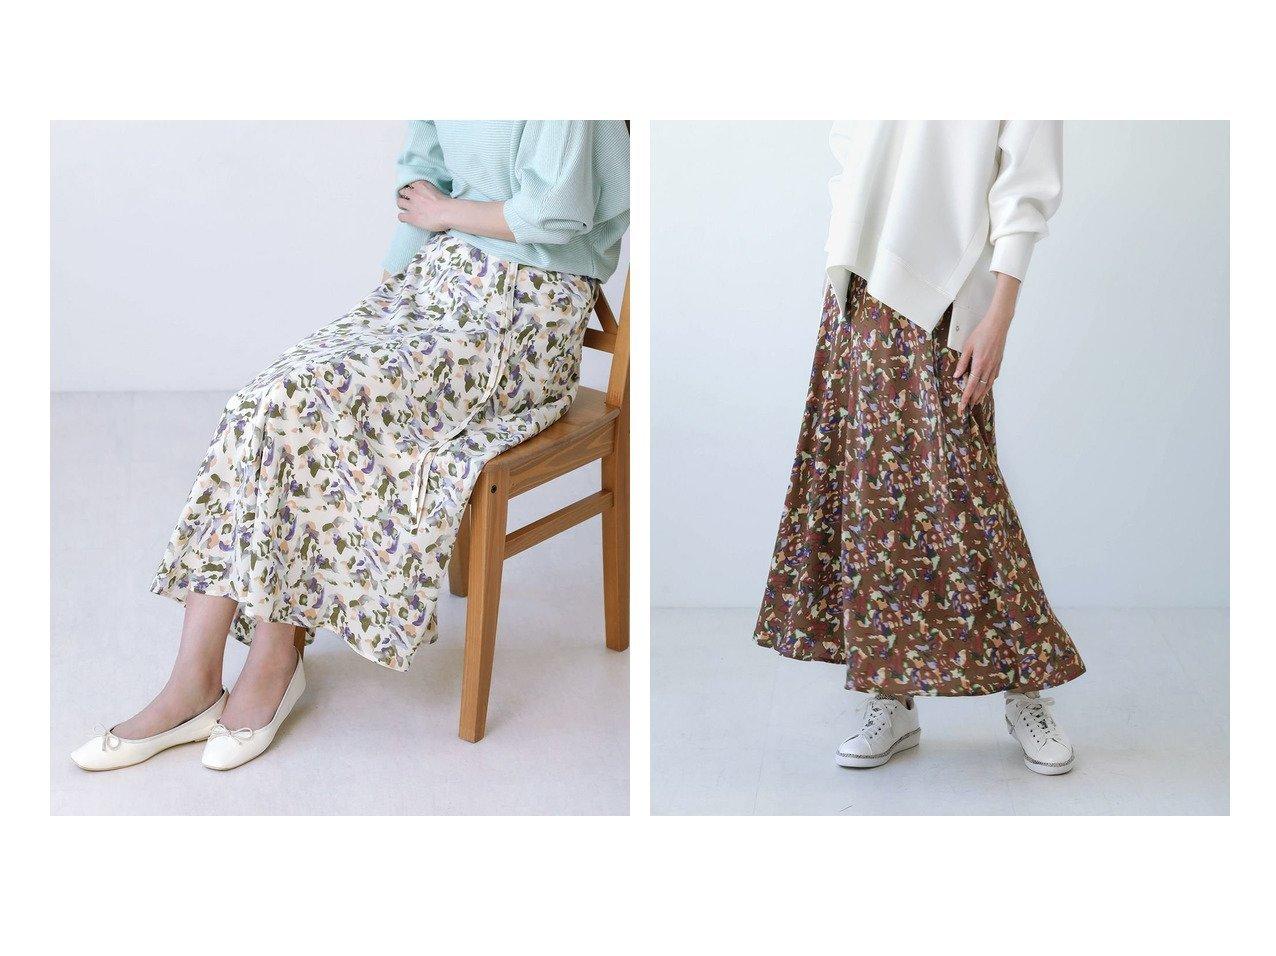 【Bou Jeloud/ブージュルード】のカモフラージュマーメイドスカート おすすめ!人気、トレンド・レディースファッションの通販  おすすめで人気の流行・トレンド、ファッションの通販商品 メンズファッション・キッズファッション・インテリア・家具・レディースファッション・服の通販 founy(ファニー) https://founy.com/ ファッション Fashion レディースファッション WOMEN スカート Skirt カモフラージュ プチプライス・低価格 Affordable マーメイド 楽ちん |ID:crp329100000025761